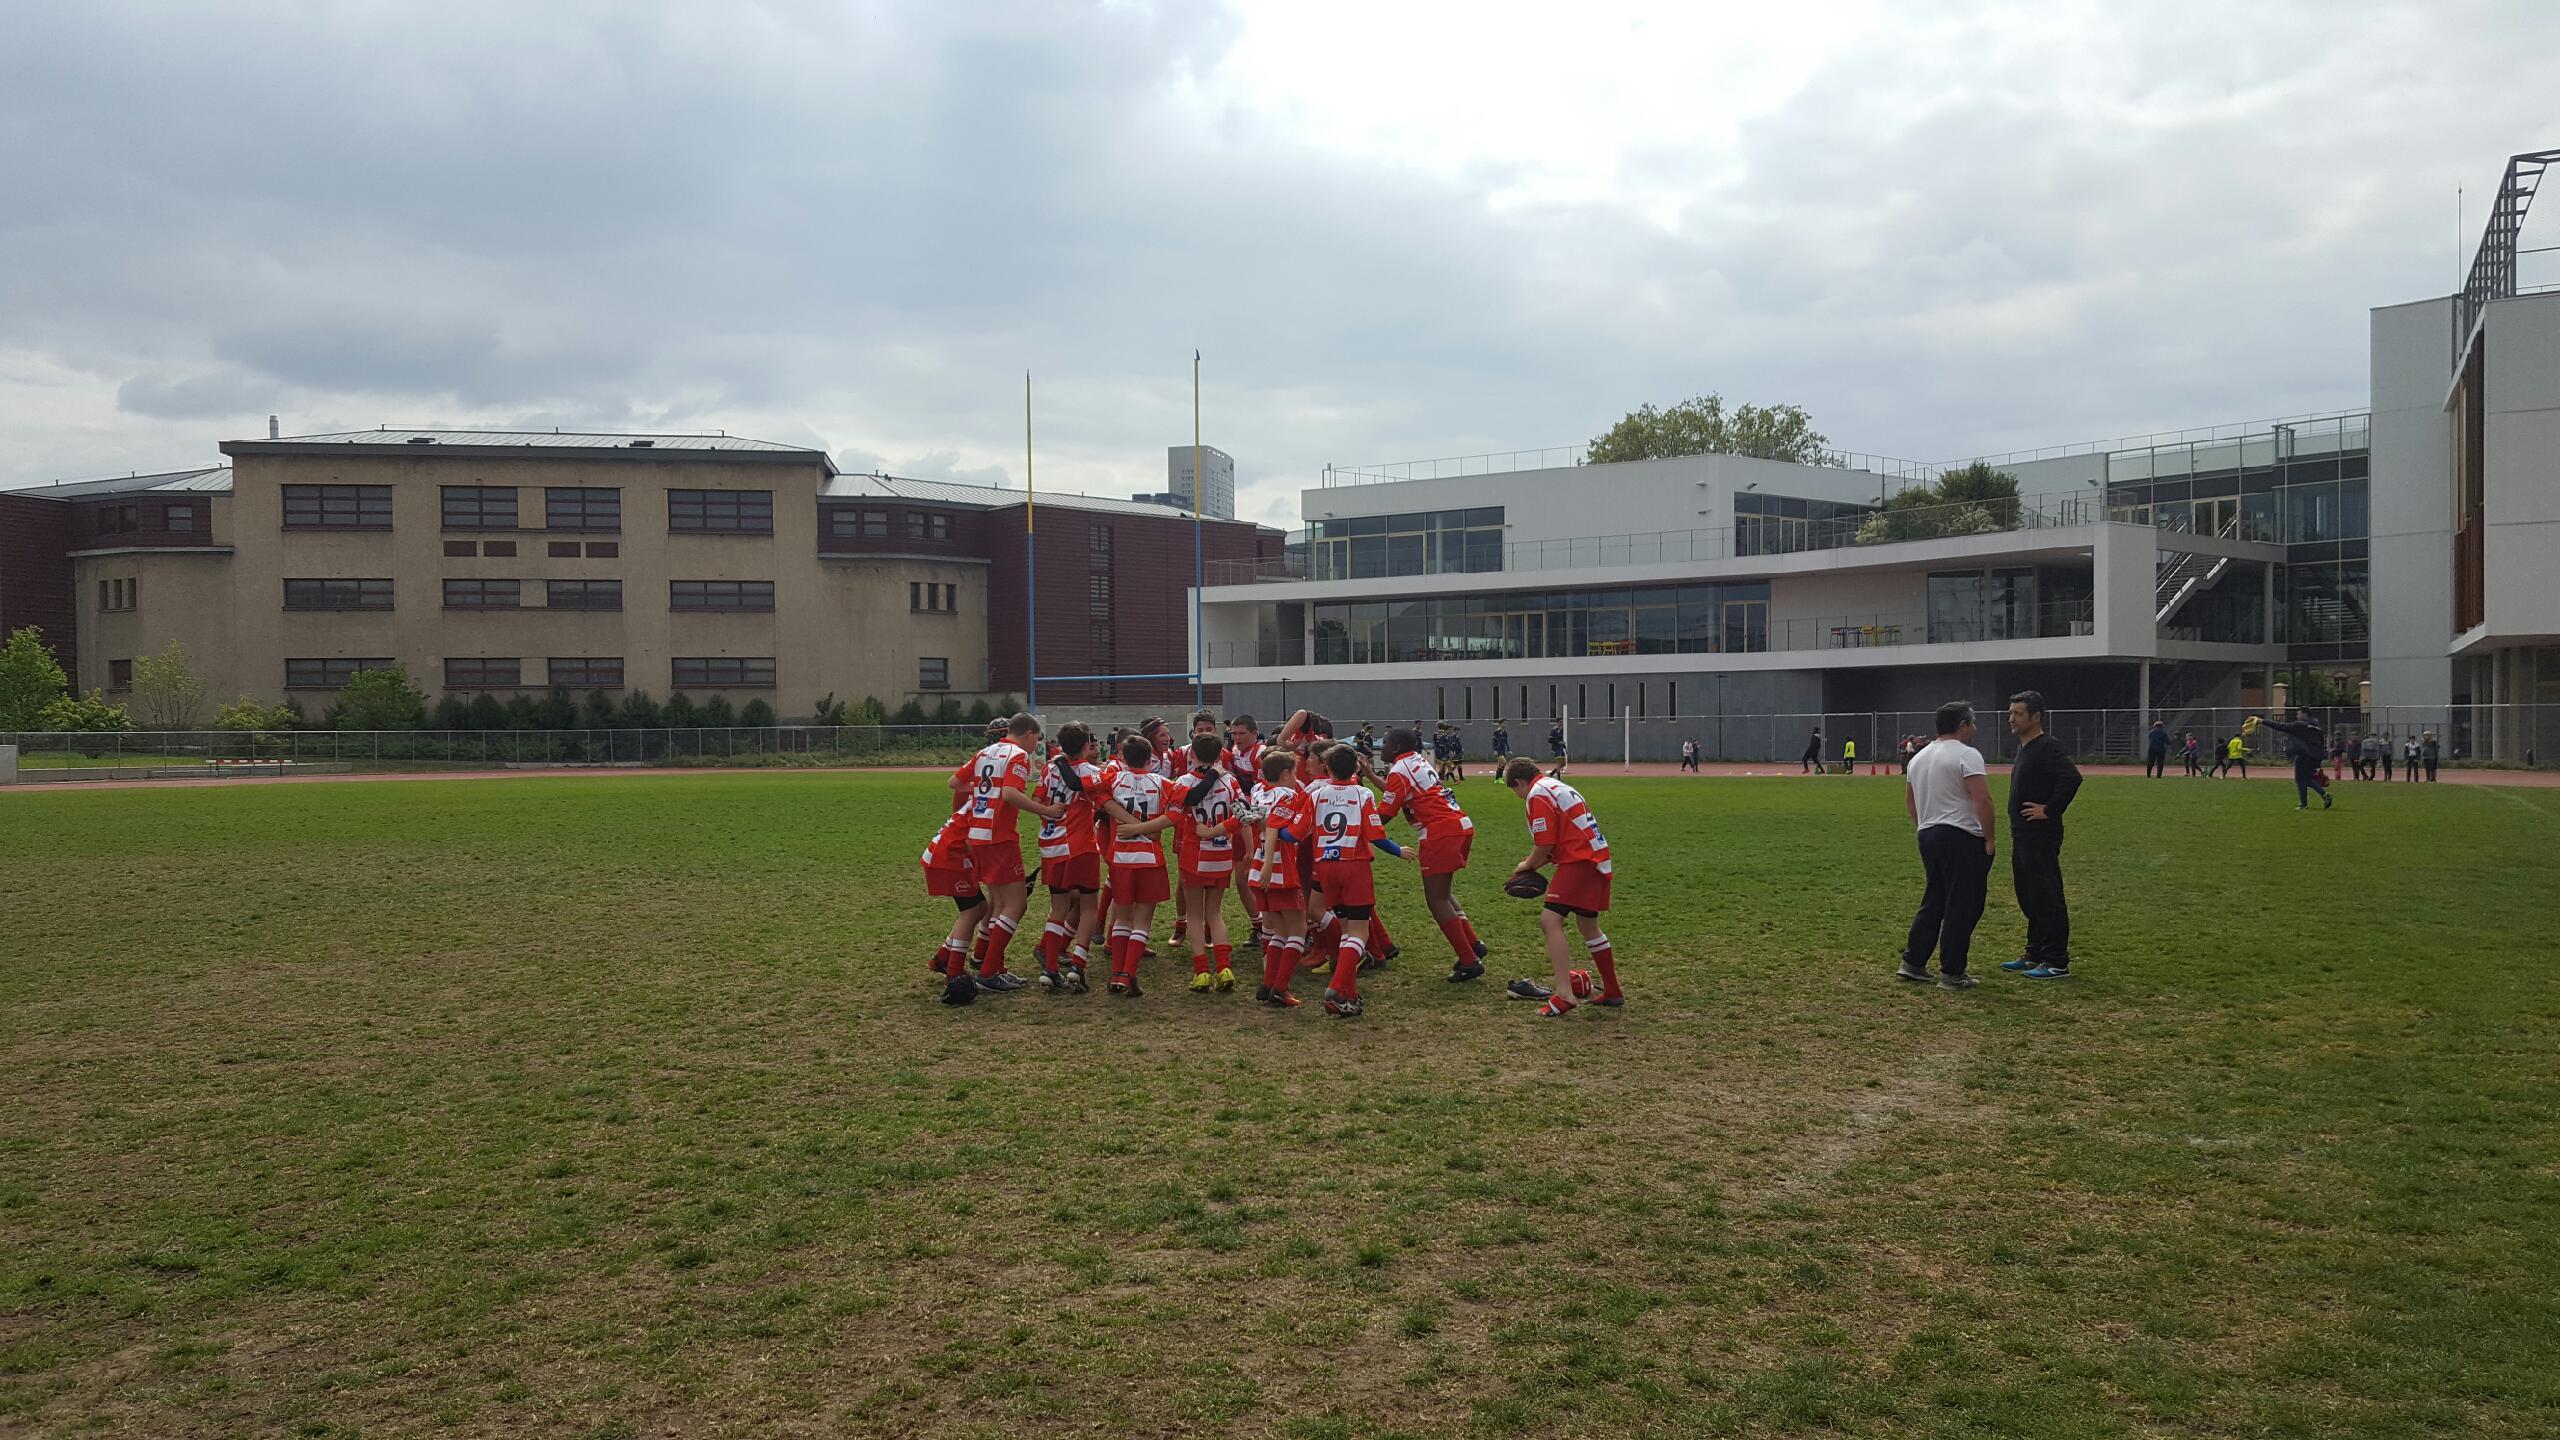 Clamart Rugby 92 Victoire des U14 2004 contre Courbevoie le 22 avril 2017